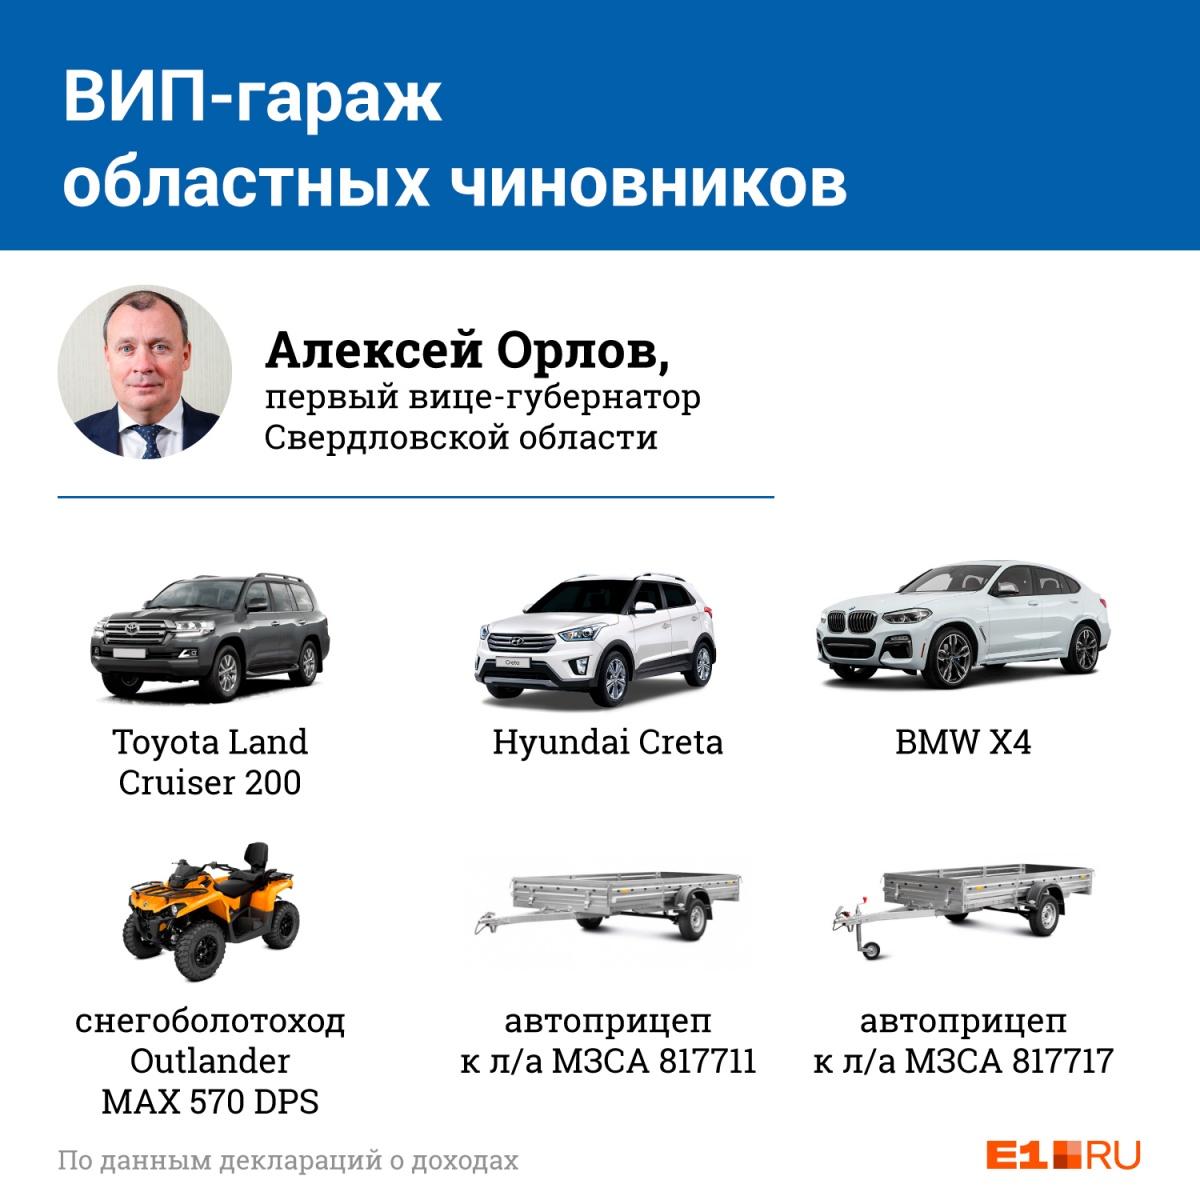 ВИП-гараж: изучаем, кто из свердловских чиновников ездит на элитных Mercedes, а кто наPorsche